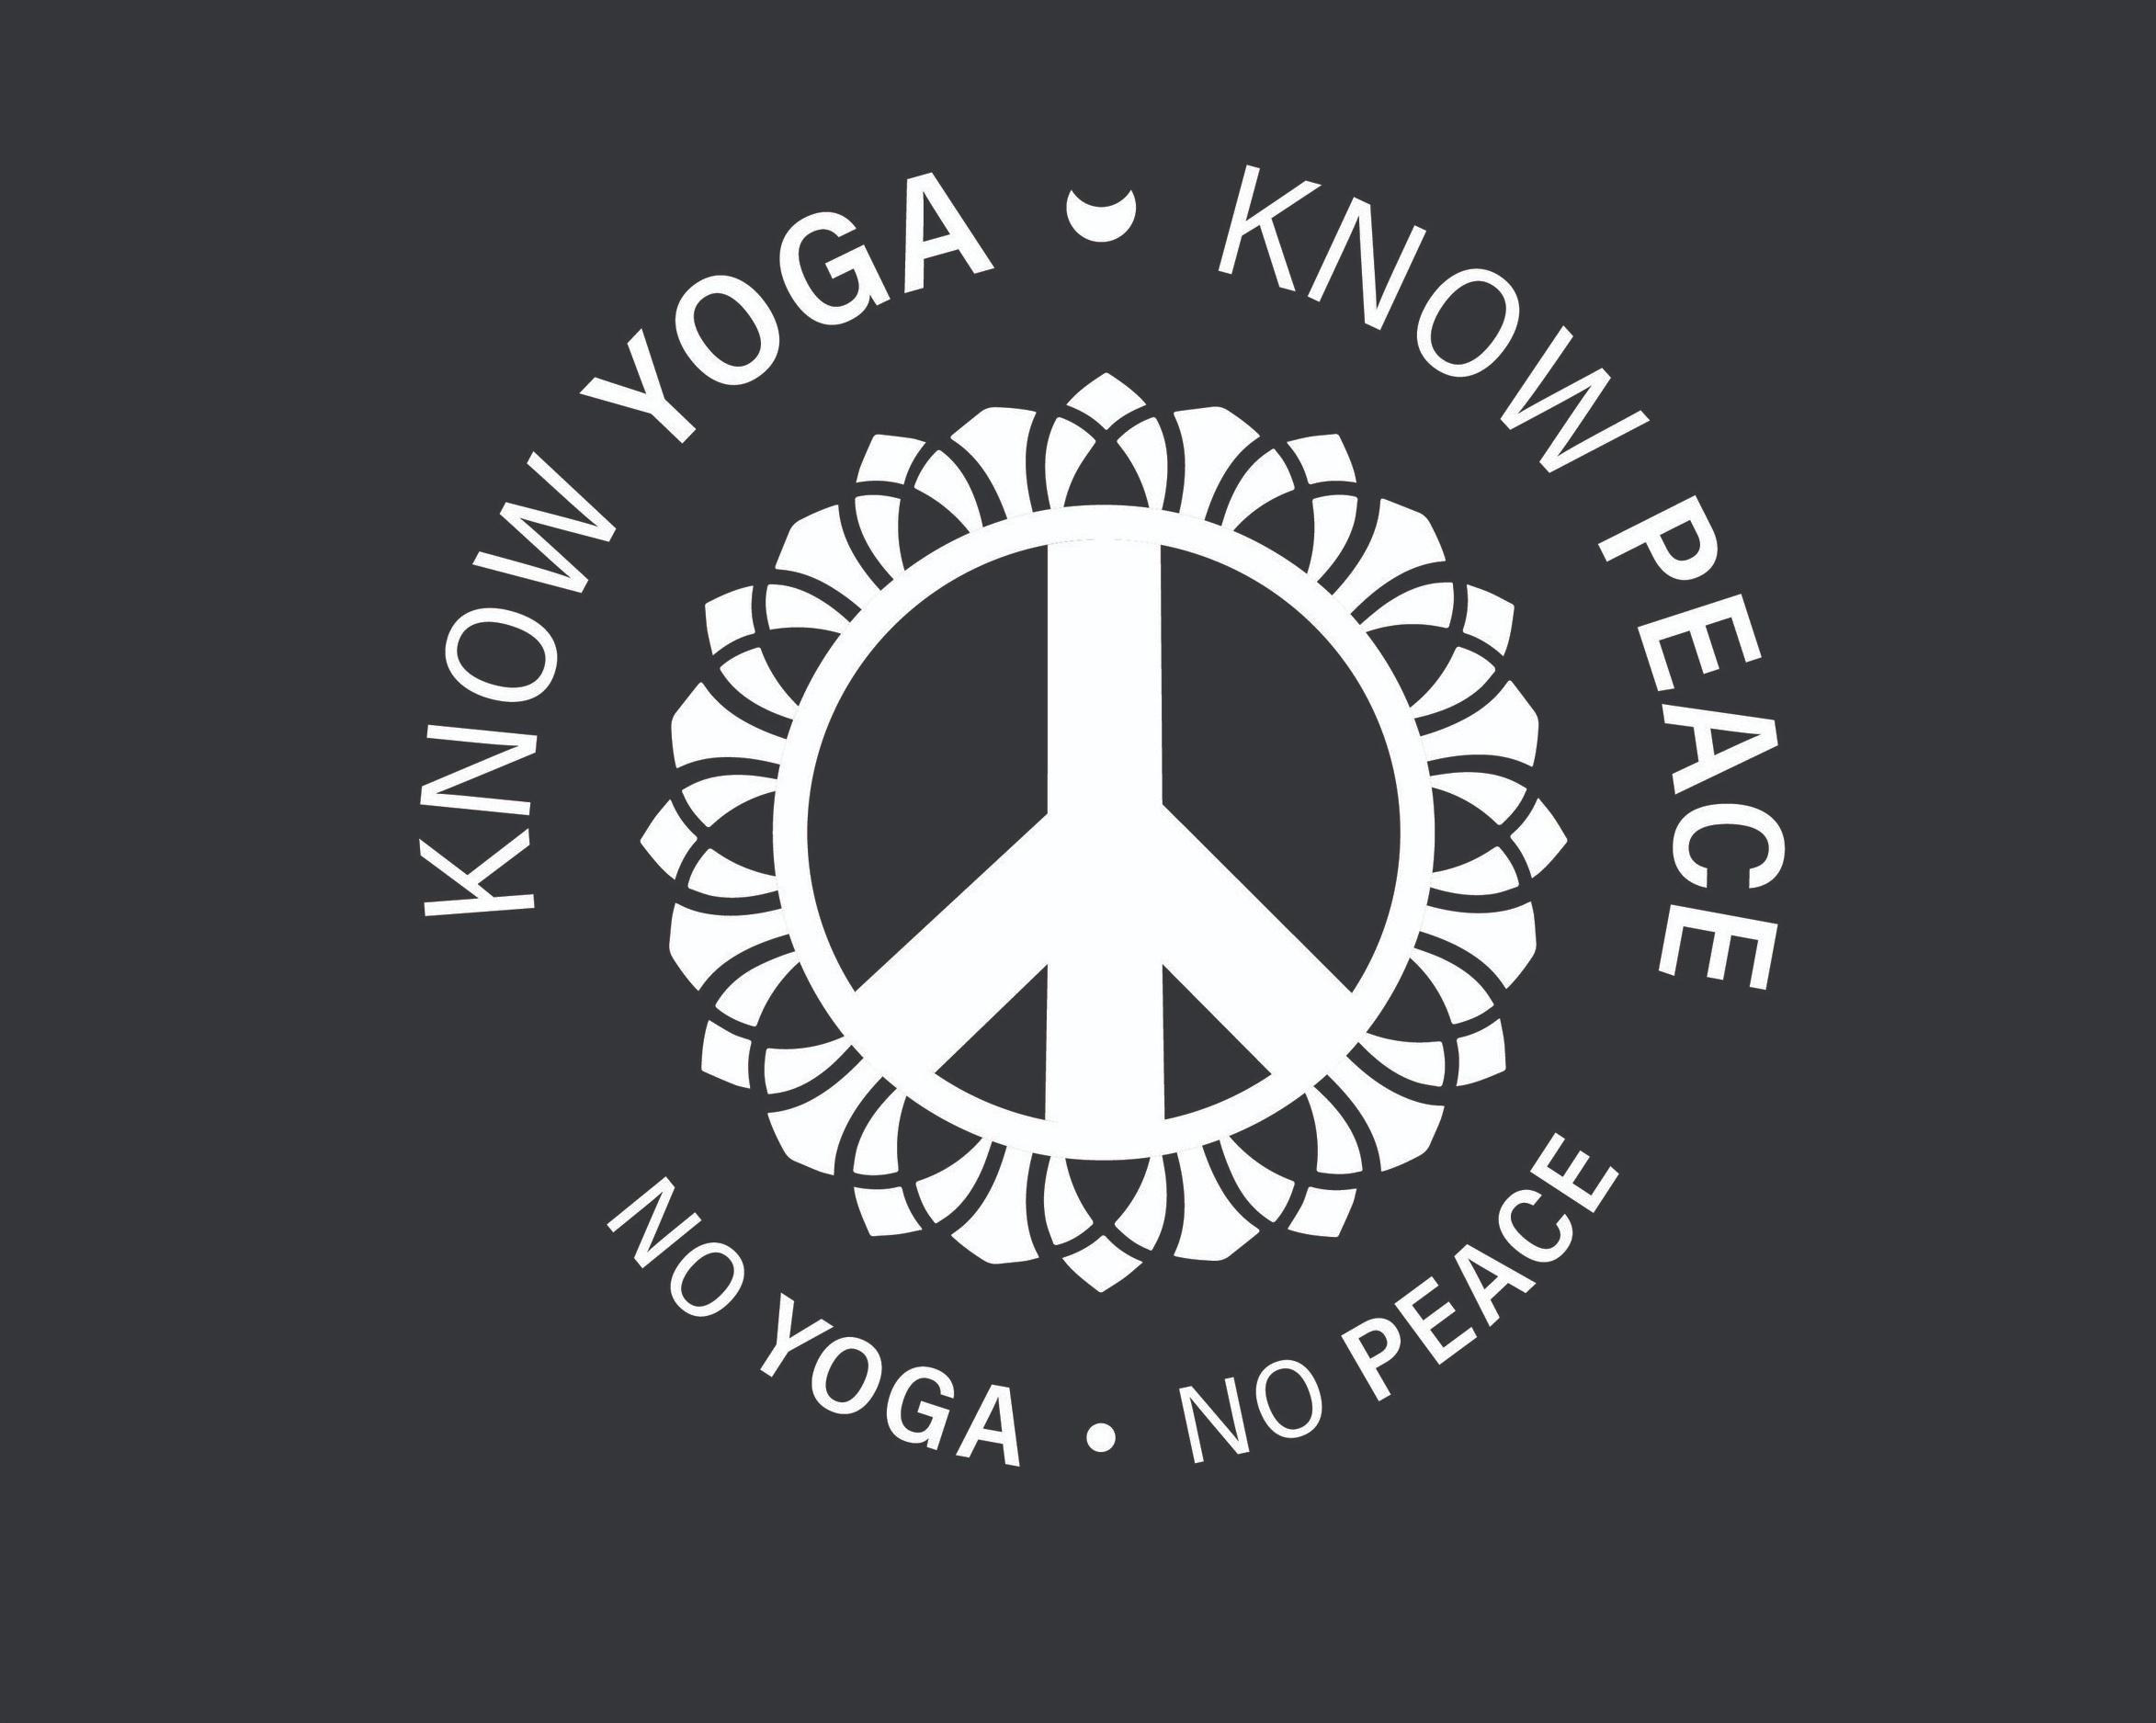 KYKP Bloomington, IN - Hot Yoga - Ghosh Hatha, Bikram, Vinyasa, Meditation